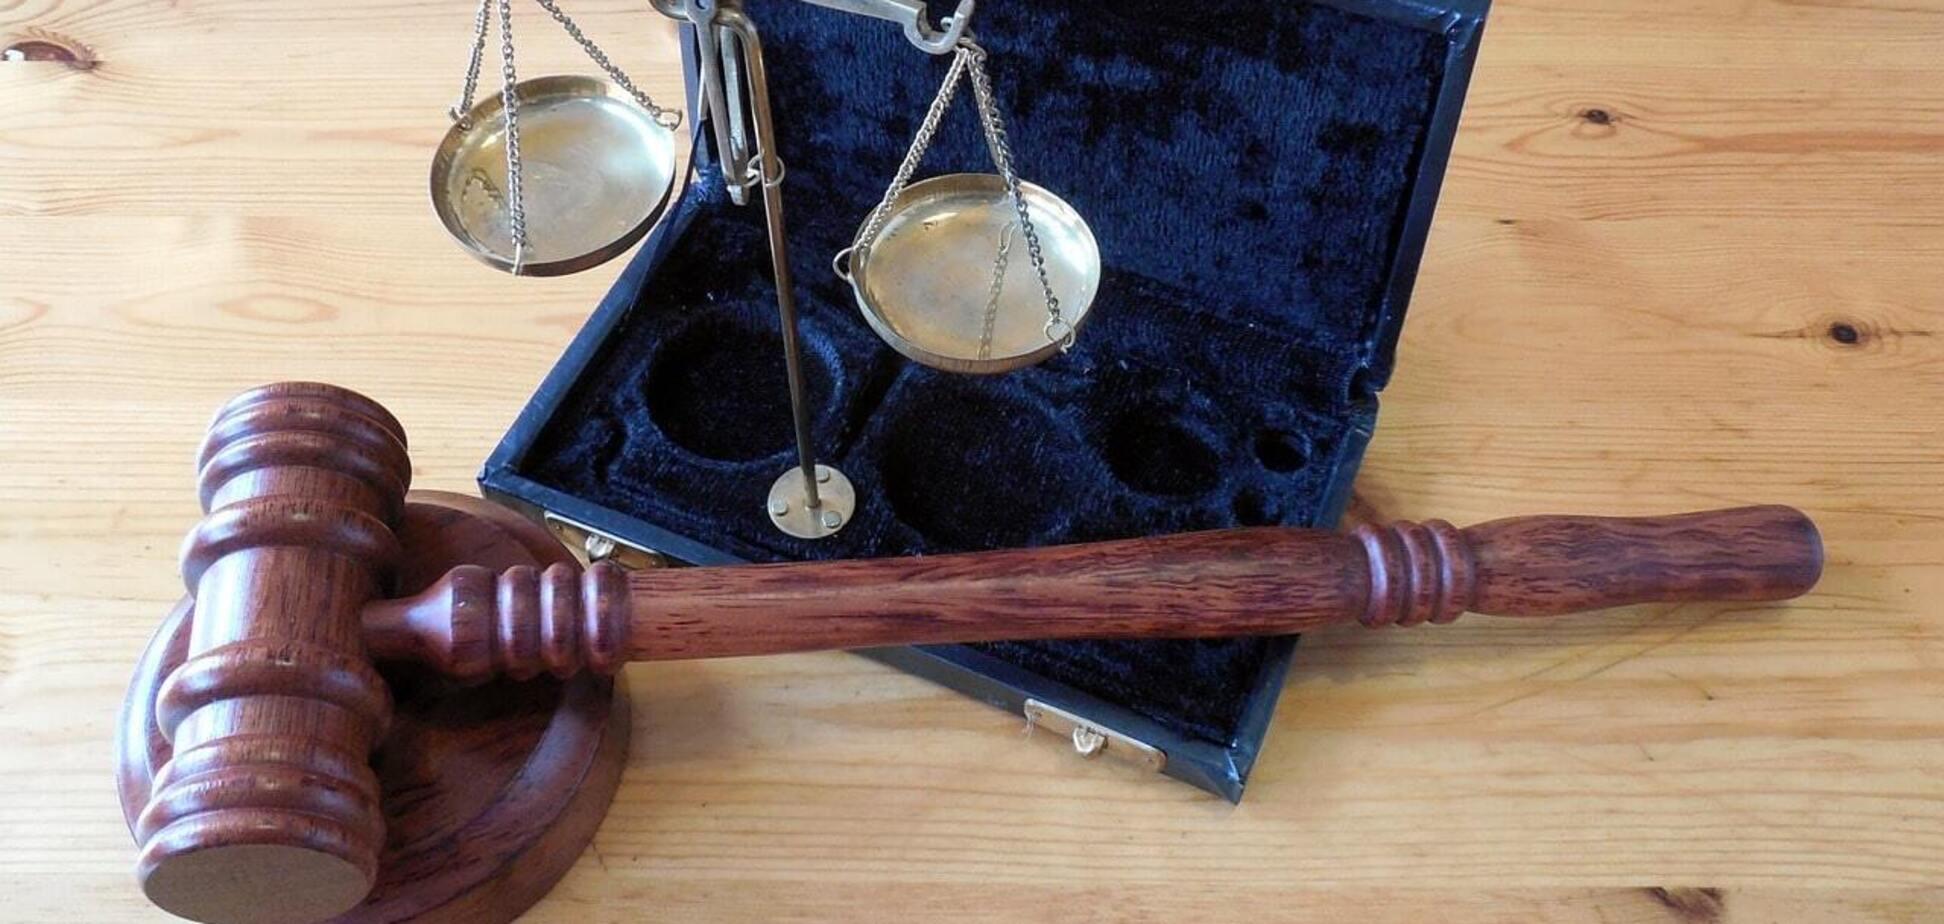 Северный апелляционный хозяйственный суд безосновательно обвинили в незаконном решении по коммунальному имуществу